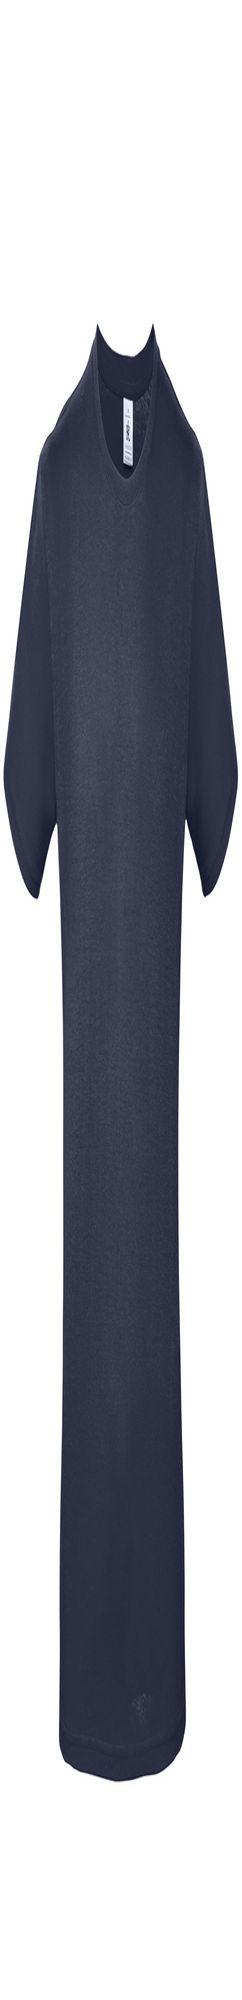 Футболка E150 темно-синяя фото